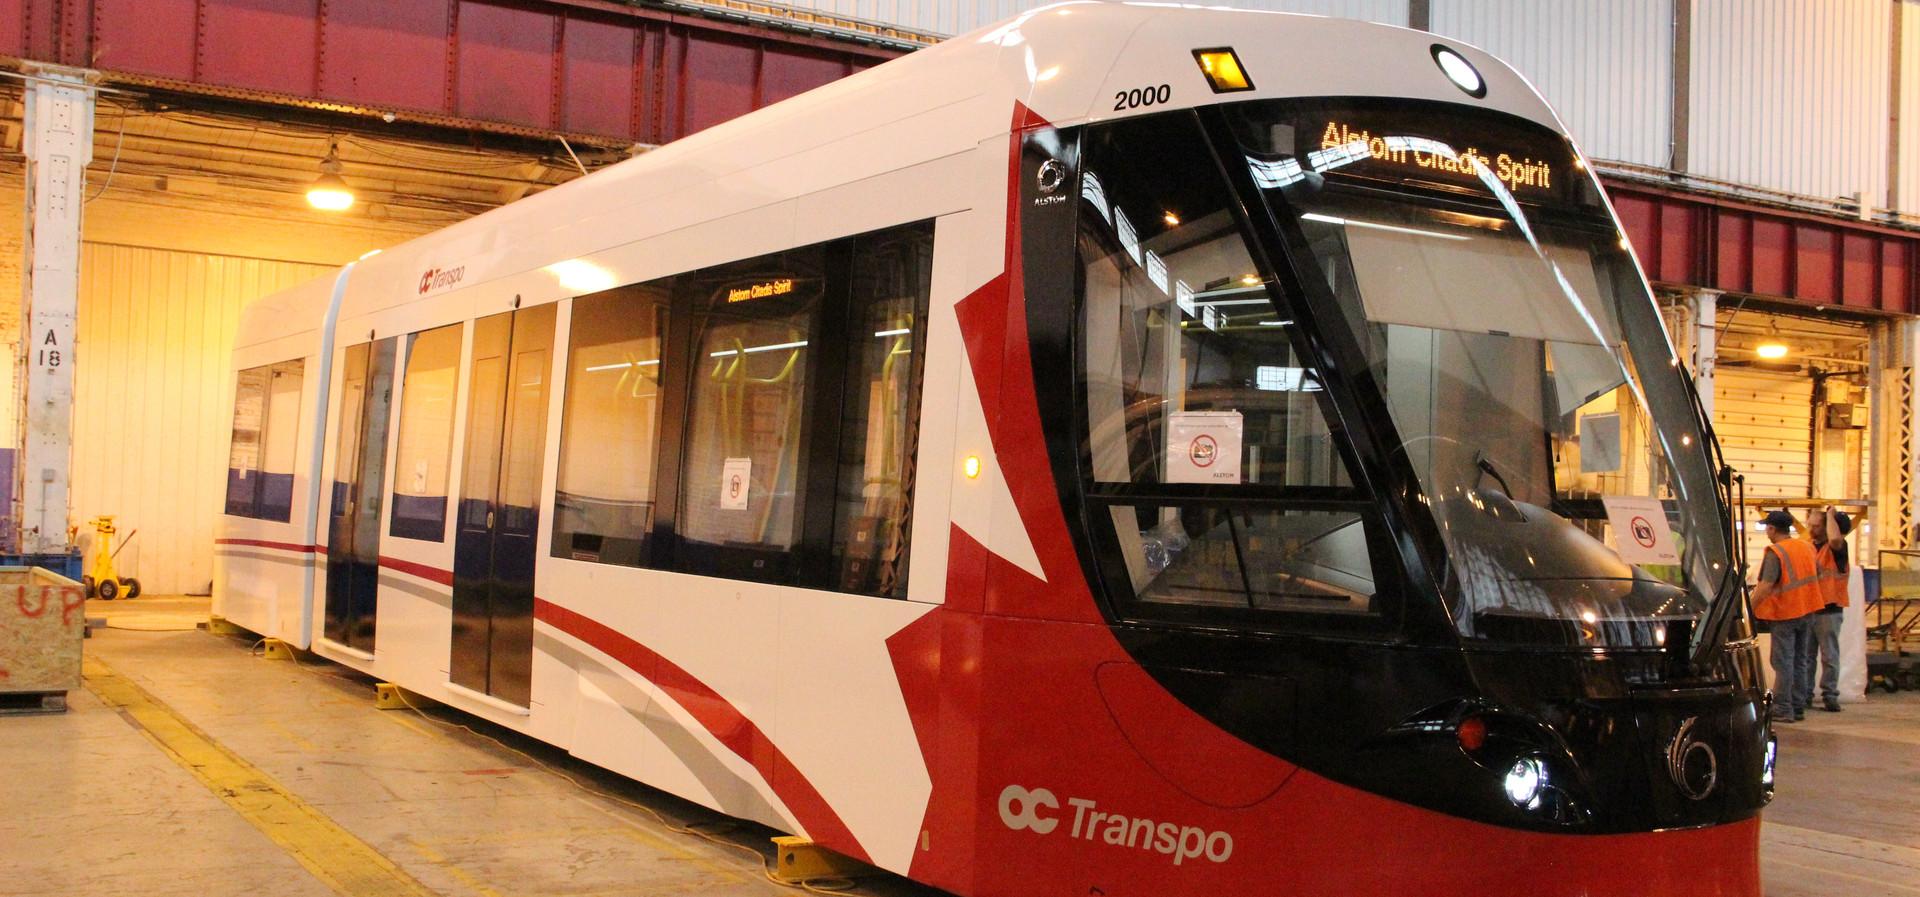 Ottawa Light Rail, 2013